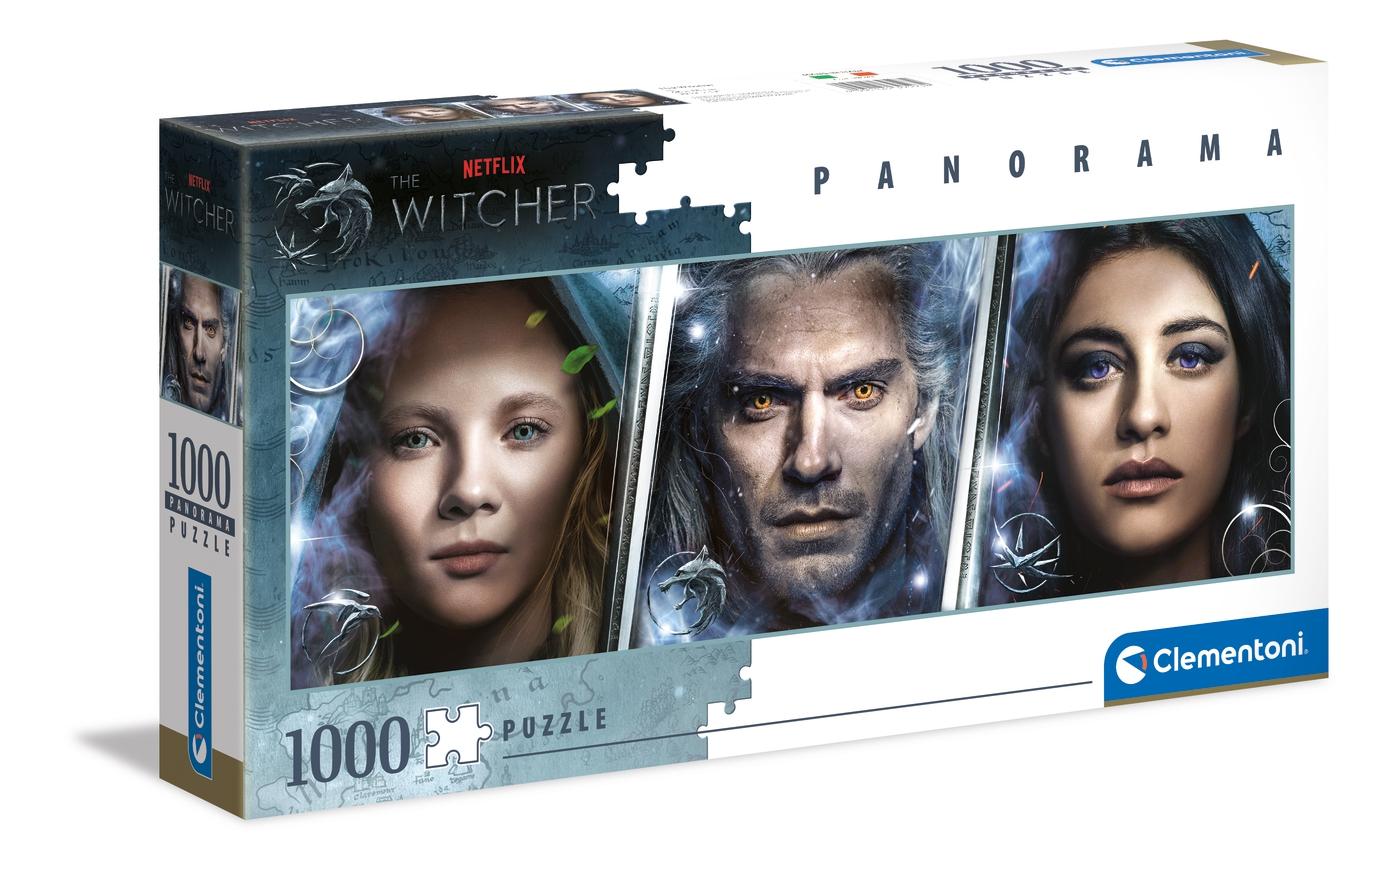 Puzzle Clementoni The Witcher Panorama de 1000 Piezas